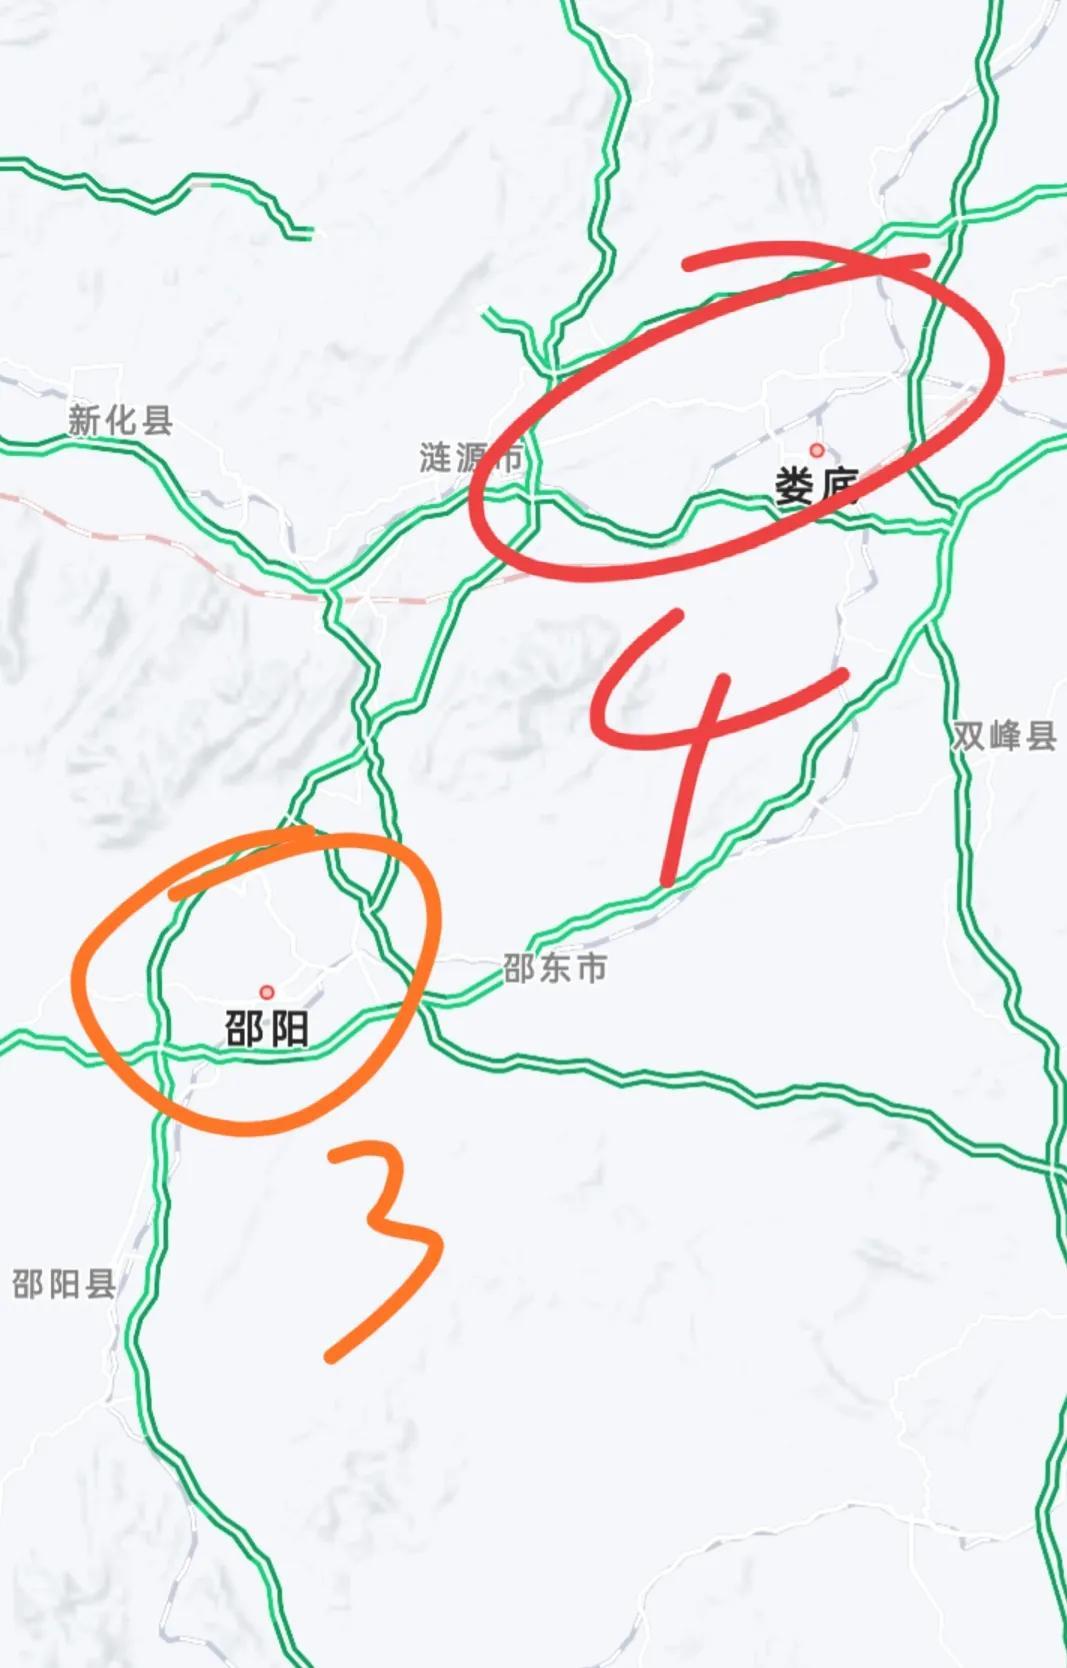 低调的湖南,有7个地级市有绕城高速,你所在的城市有没有